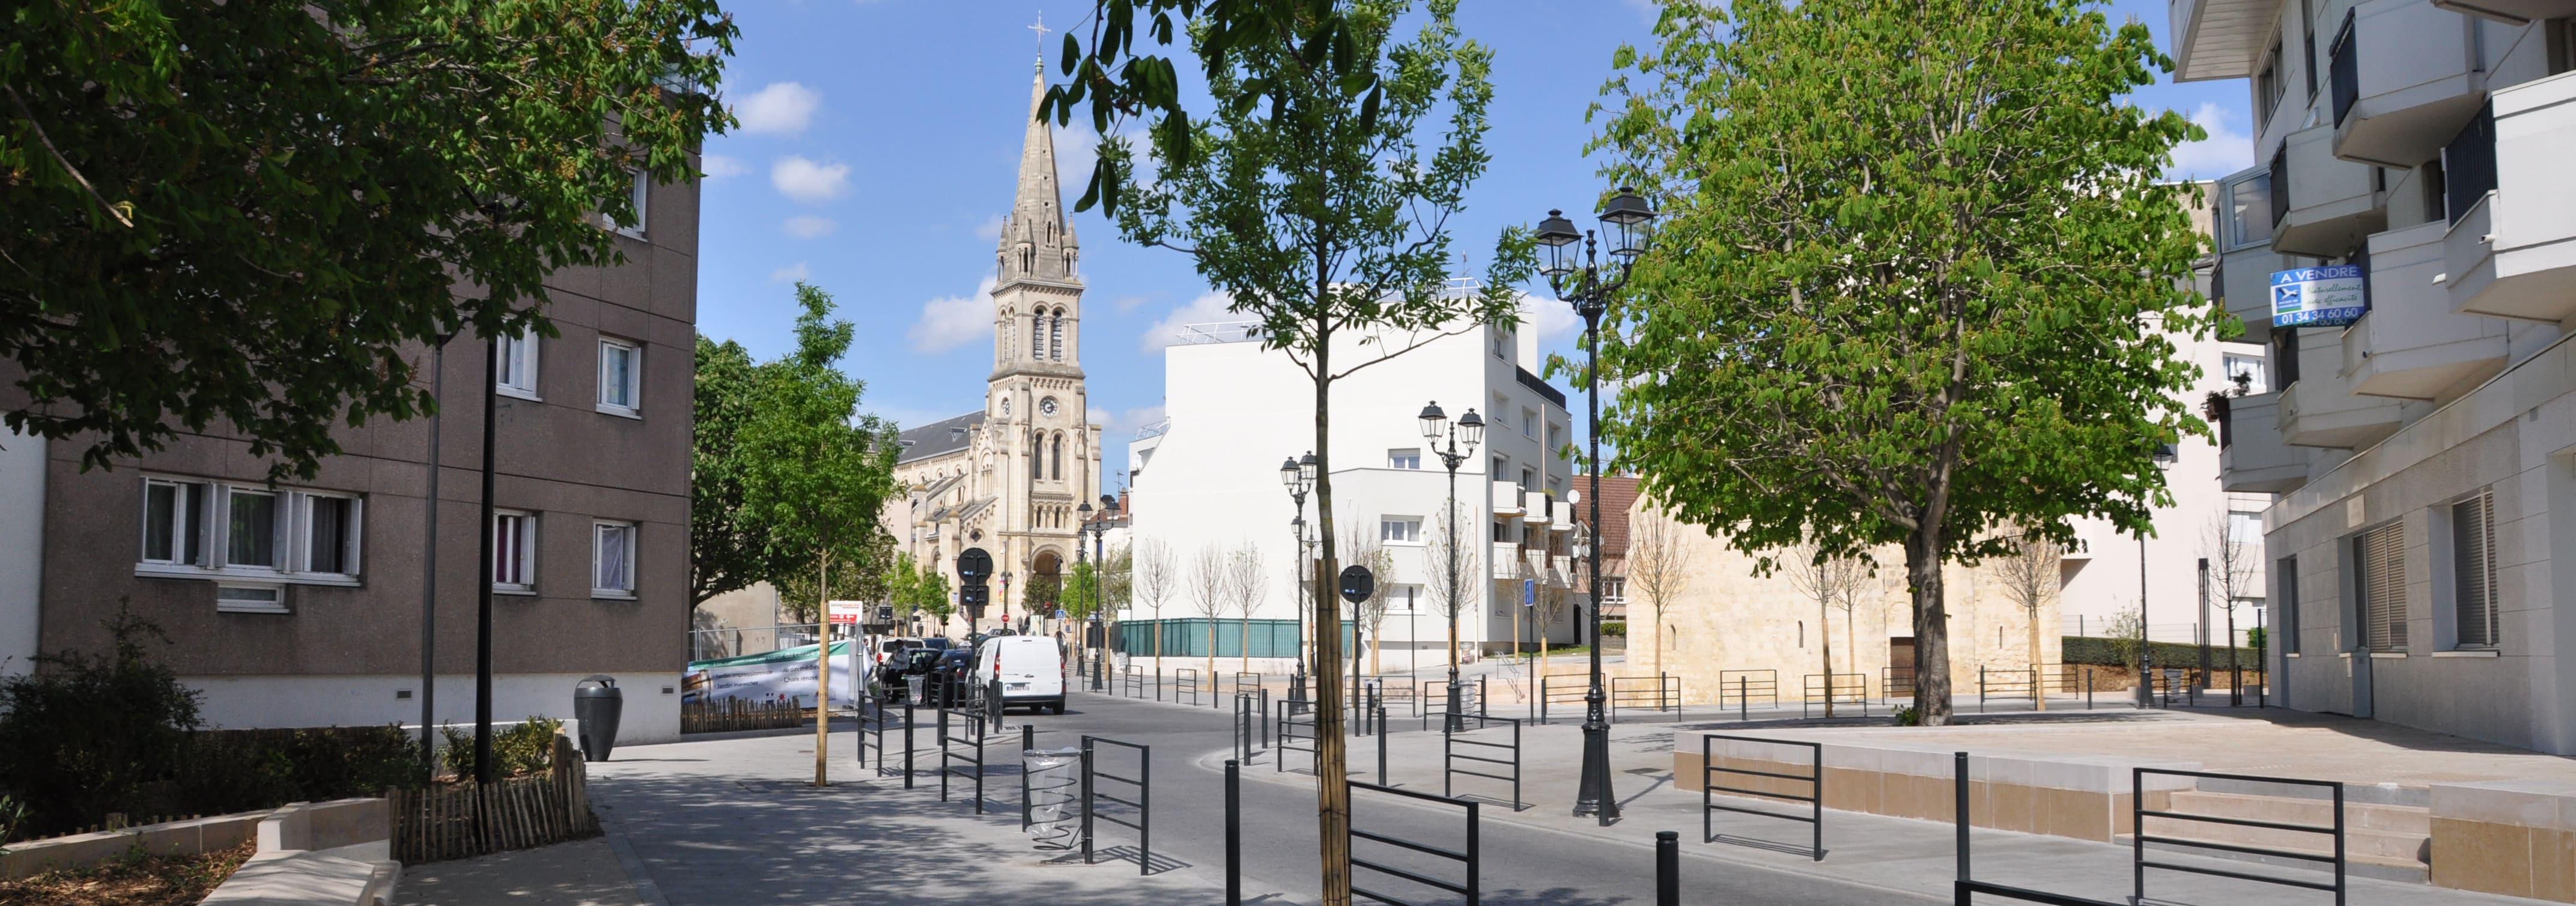 Achat d'appartement à Argenteuil